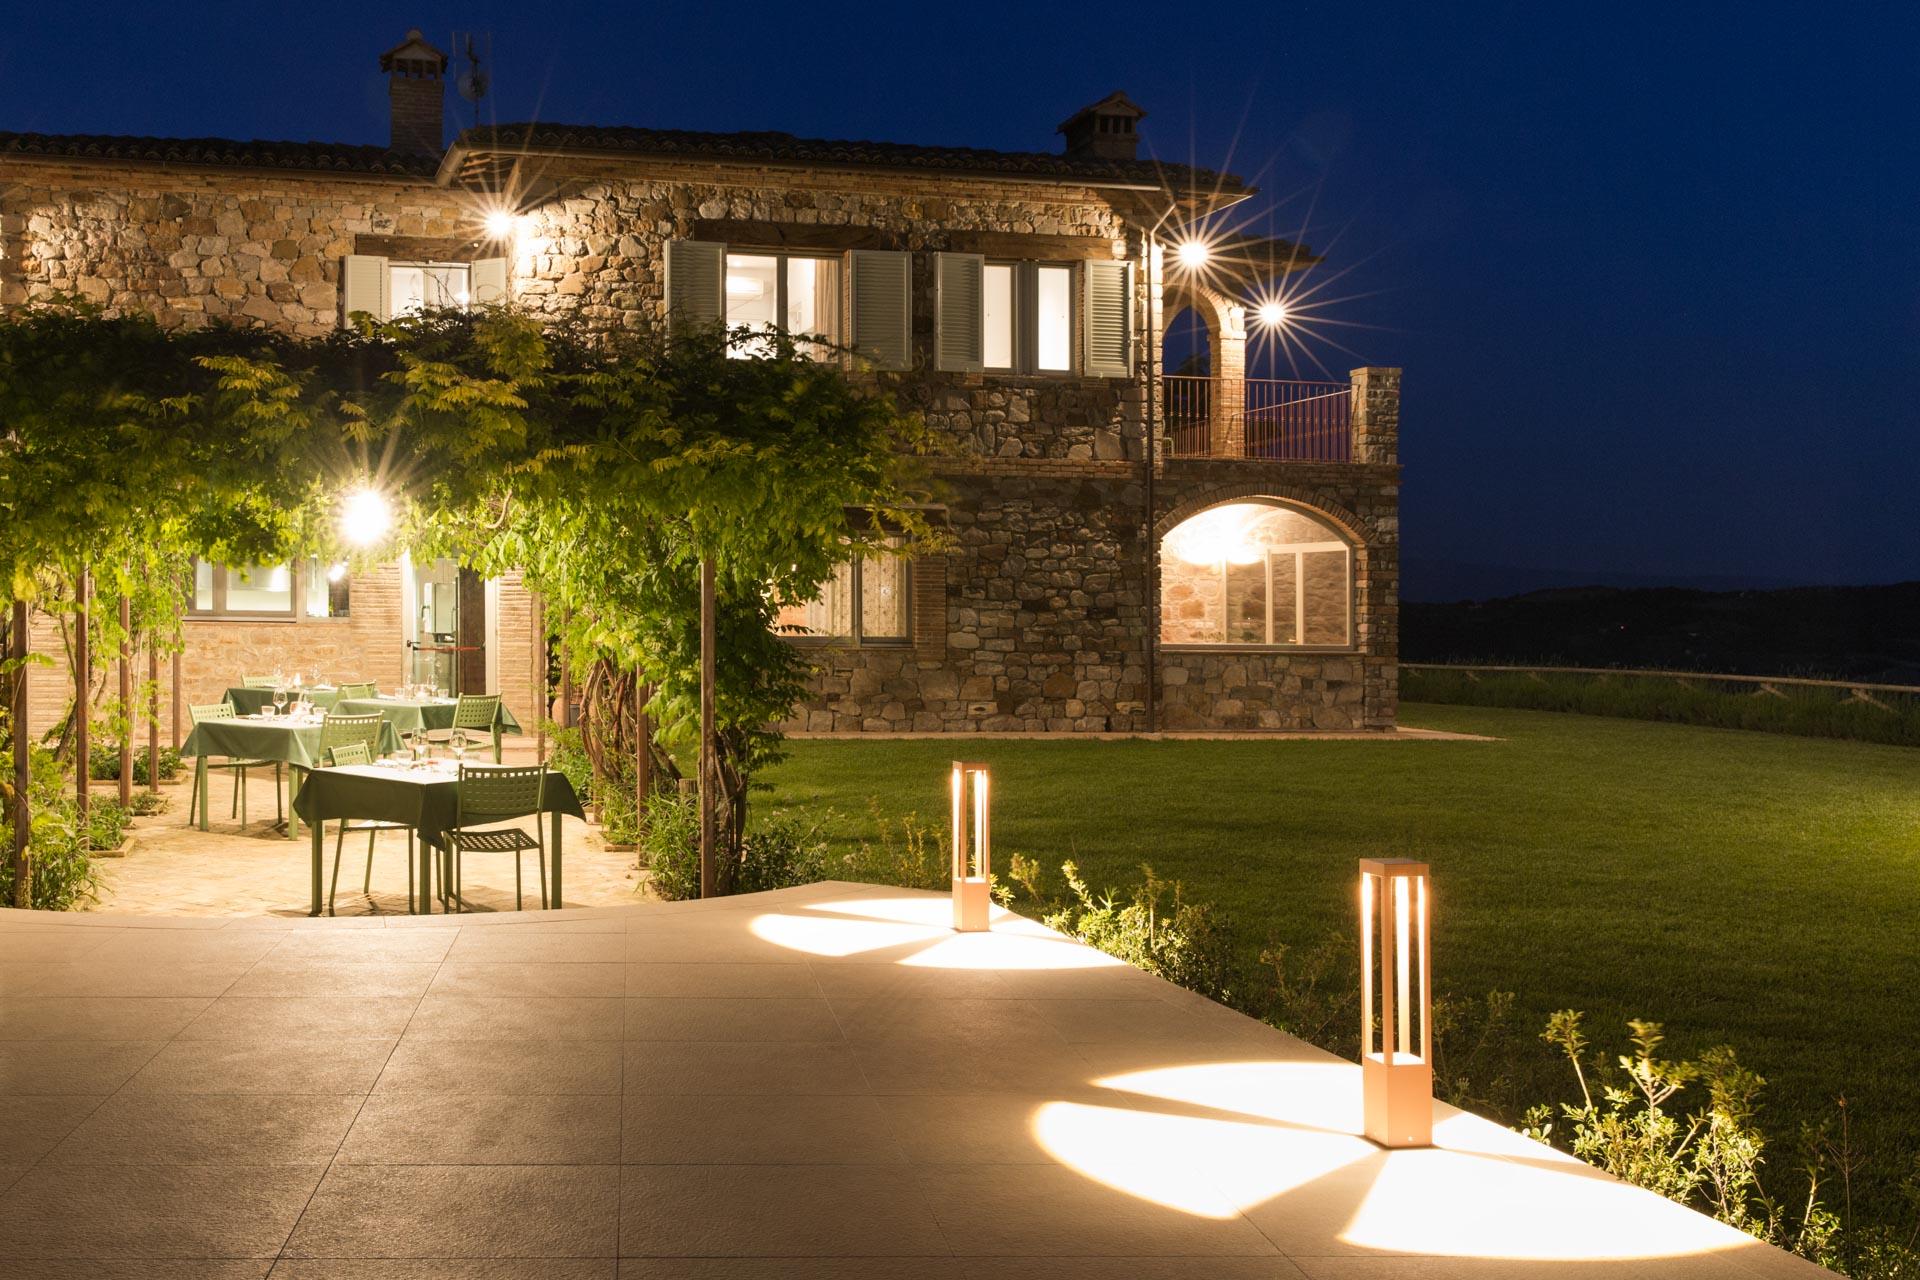 Giardino di notte con luci accese